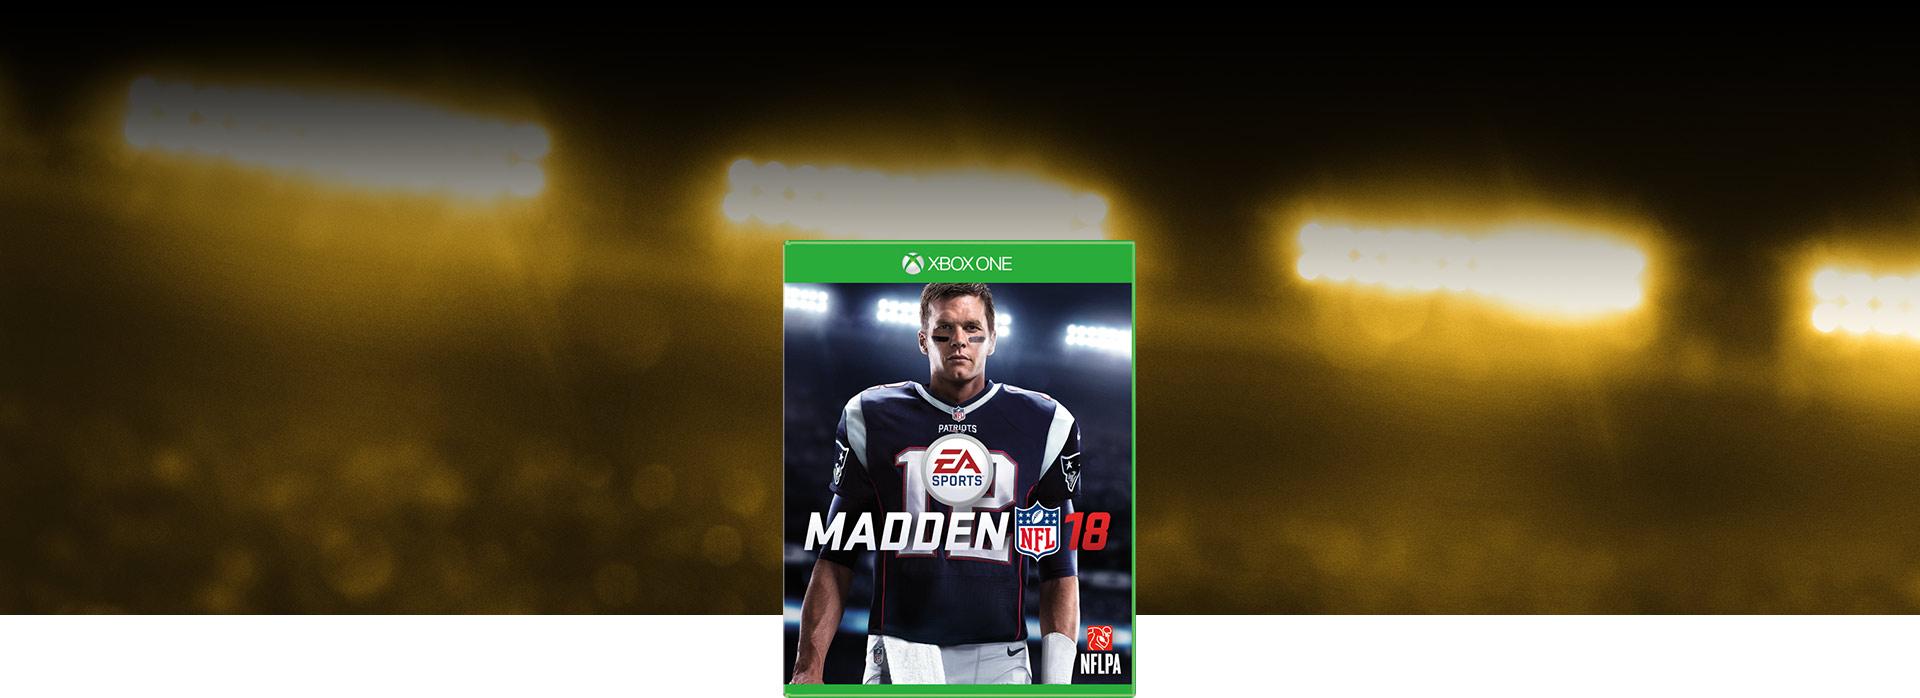 Madden NFL18 Game Boxshot